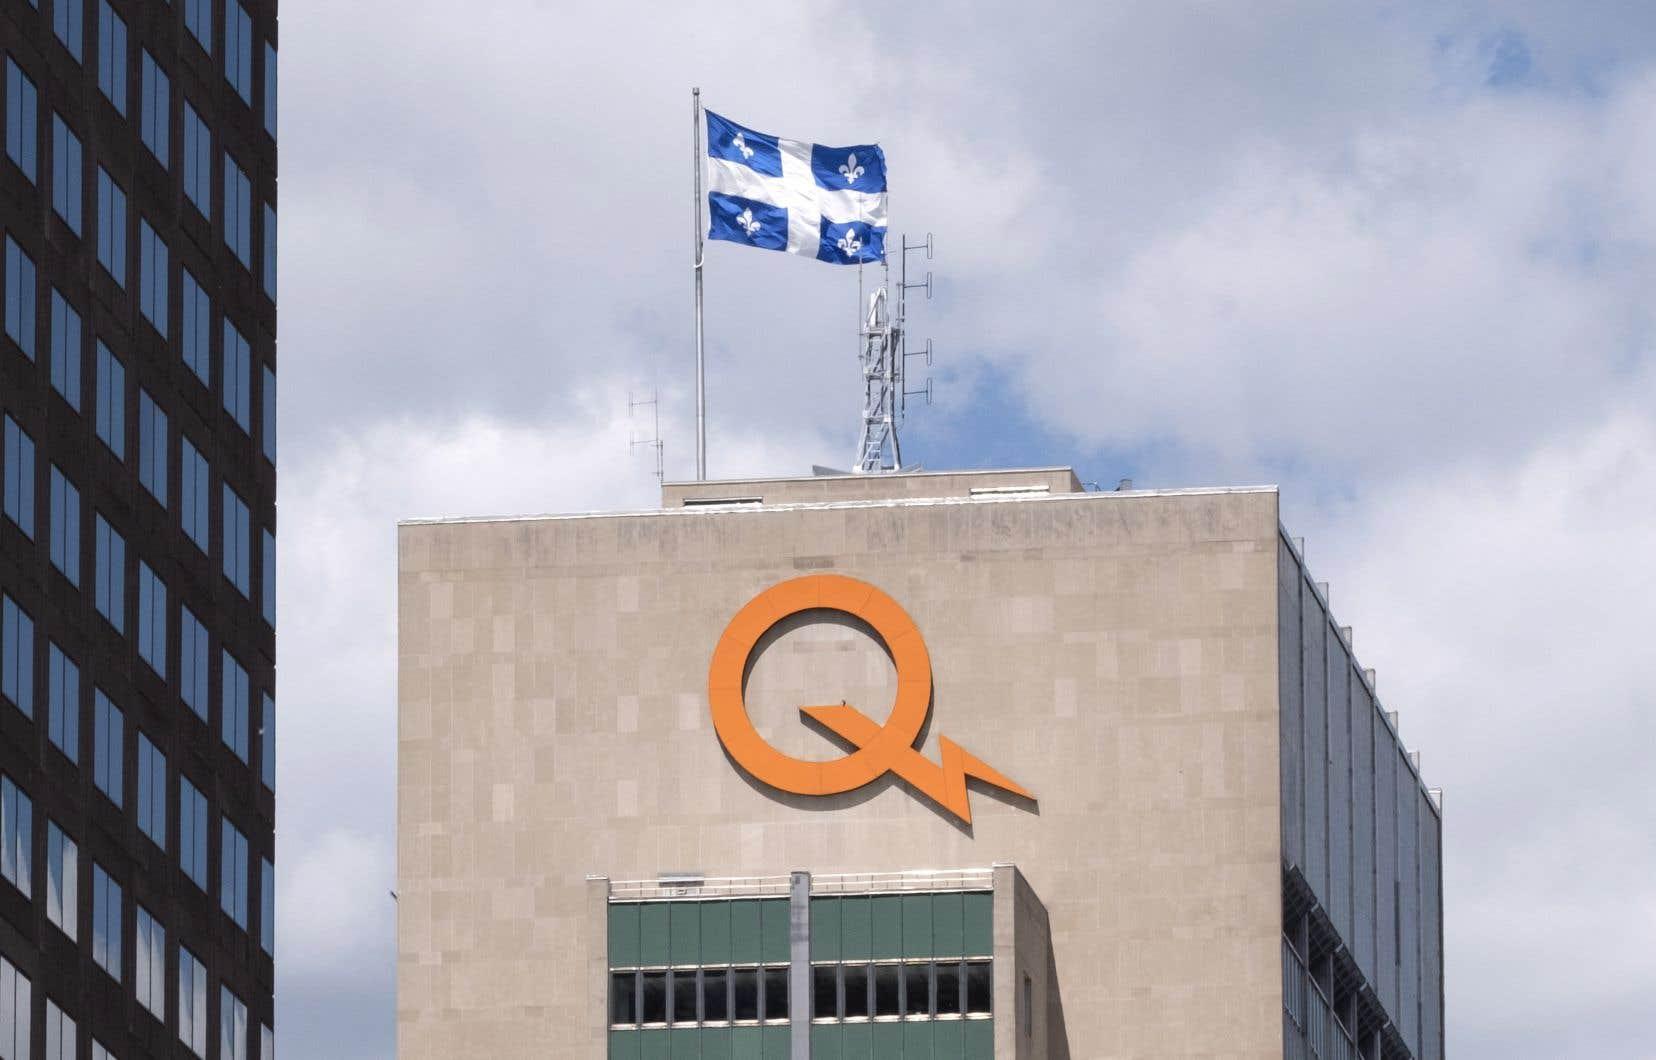 Pituvik et Hydro-Québec s'associent pour construire une centrale hydroélectrique au fil de l'eau sur la rivière Inukjuak, dans le Nord-du-Québec.